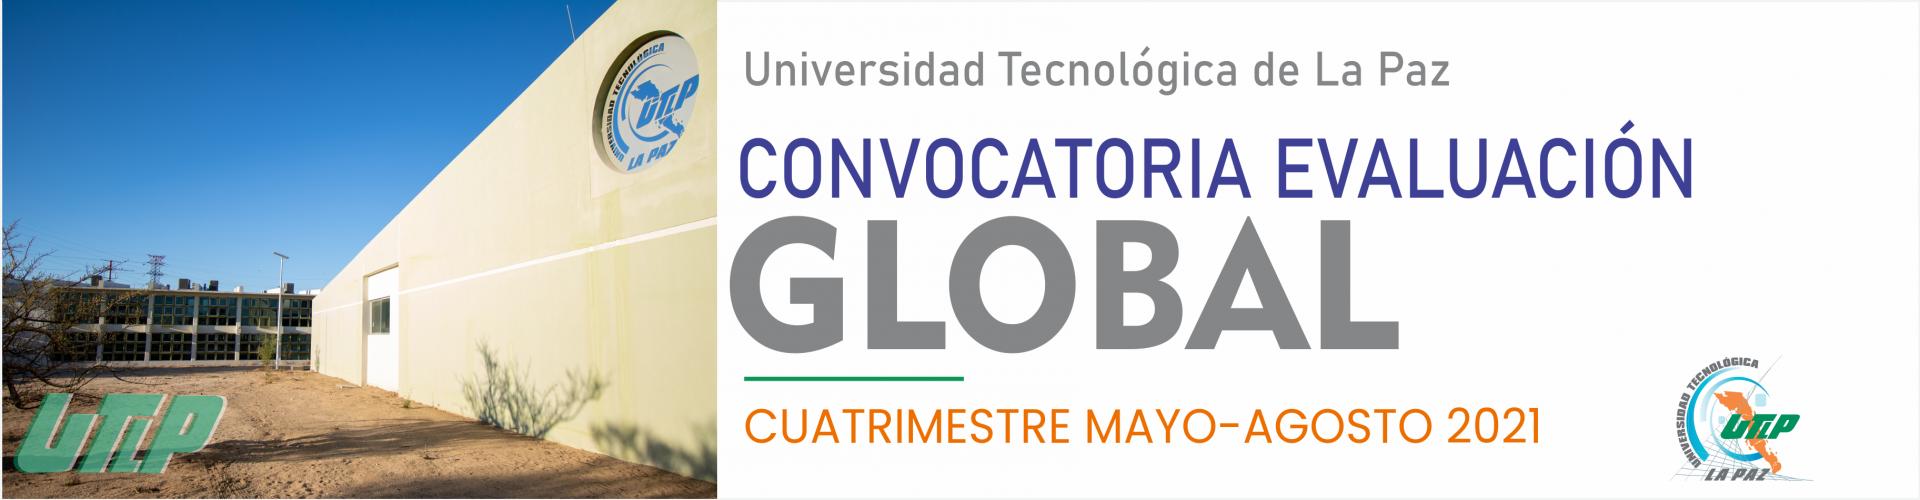 Convocatoria para evaluación global Mayo - Agosto 2021